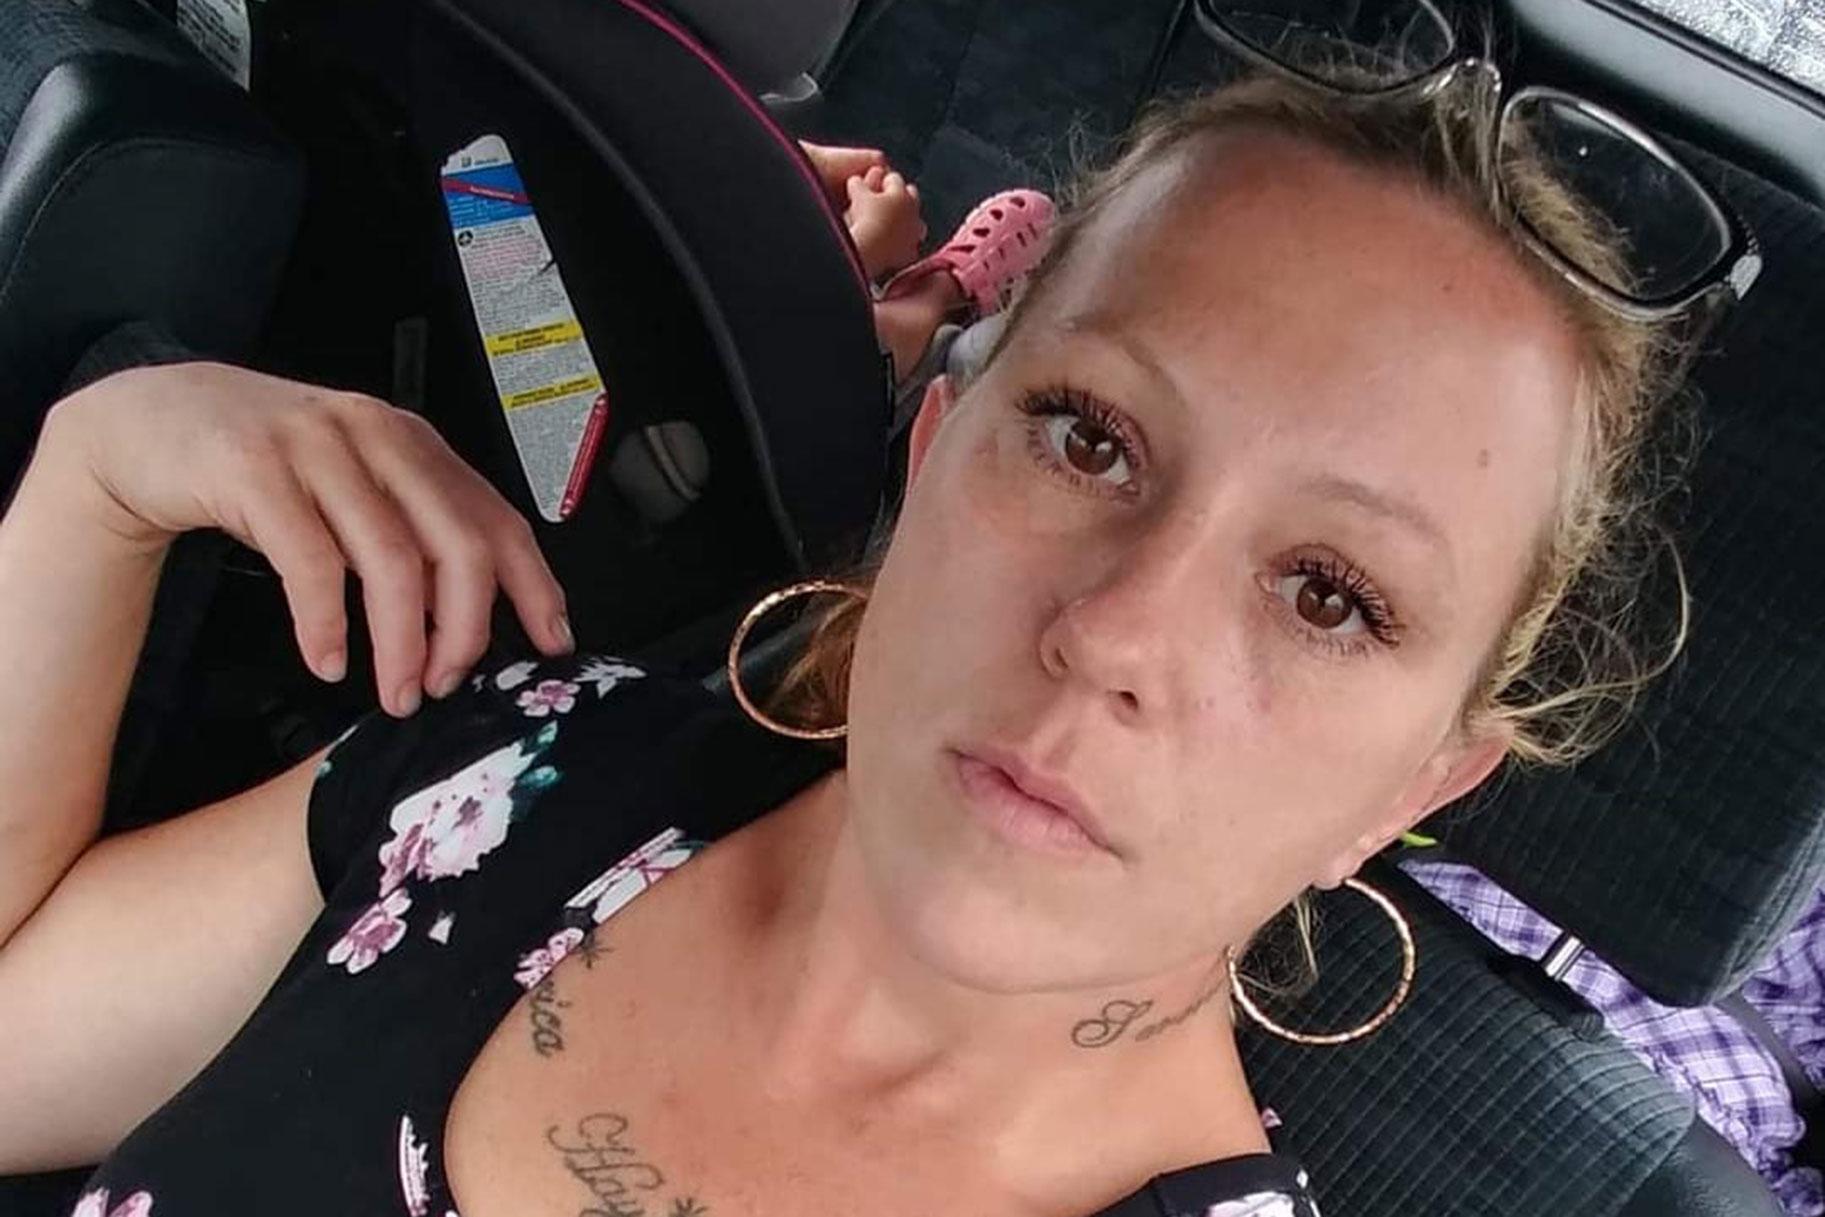 Par aretiran zaradi domnevnega ugrabitve, posilstva in umora ženske, ki je izginila pred več kot dvema mesecema